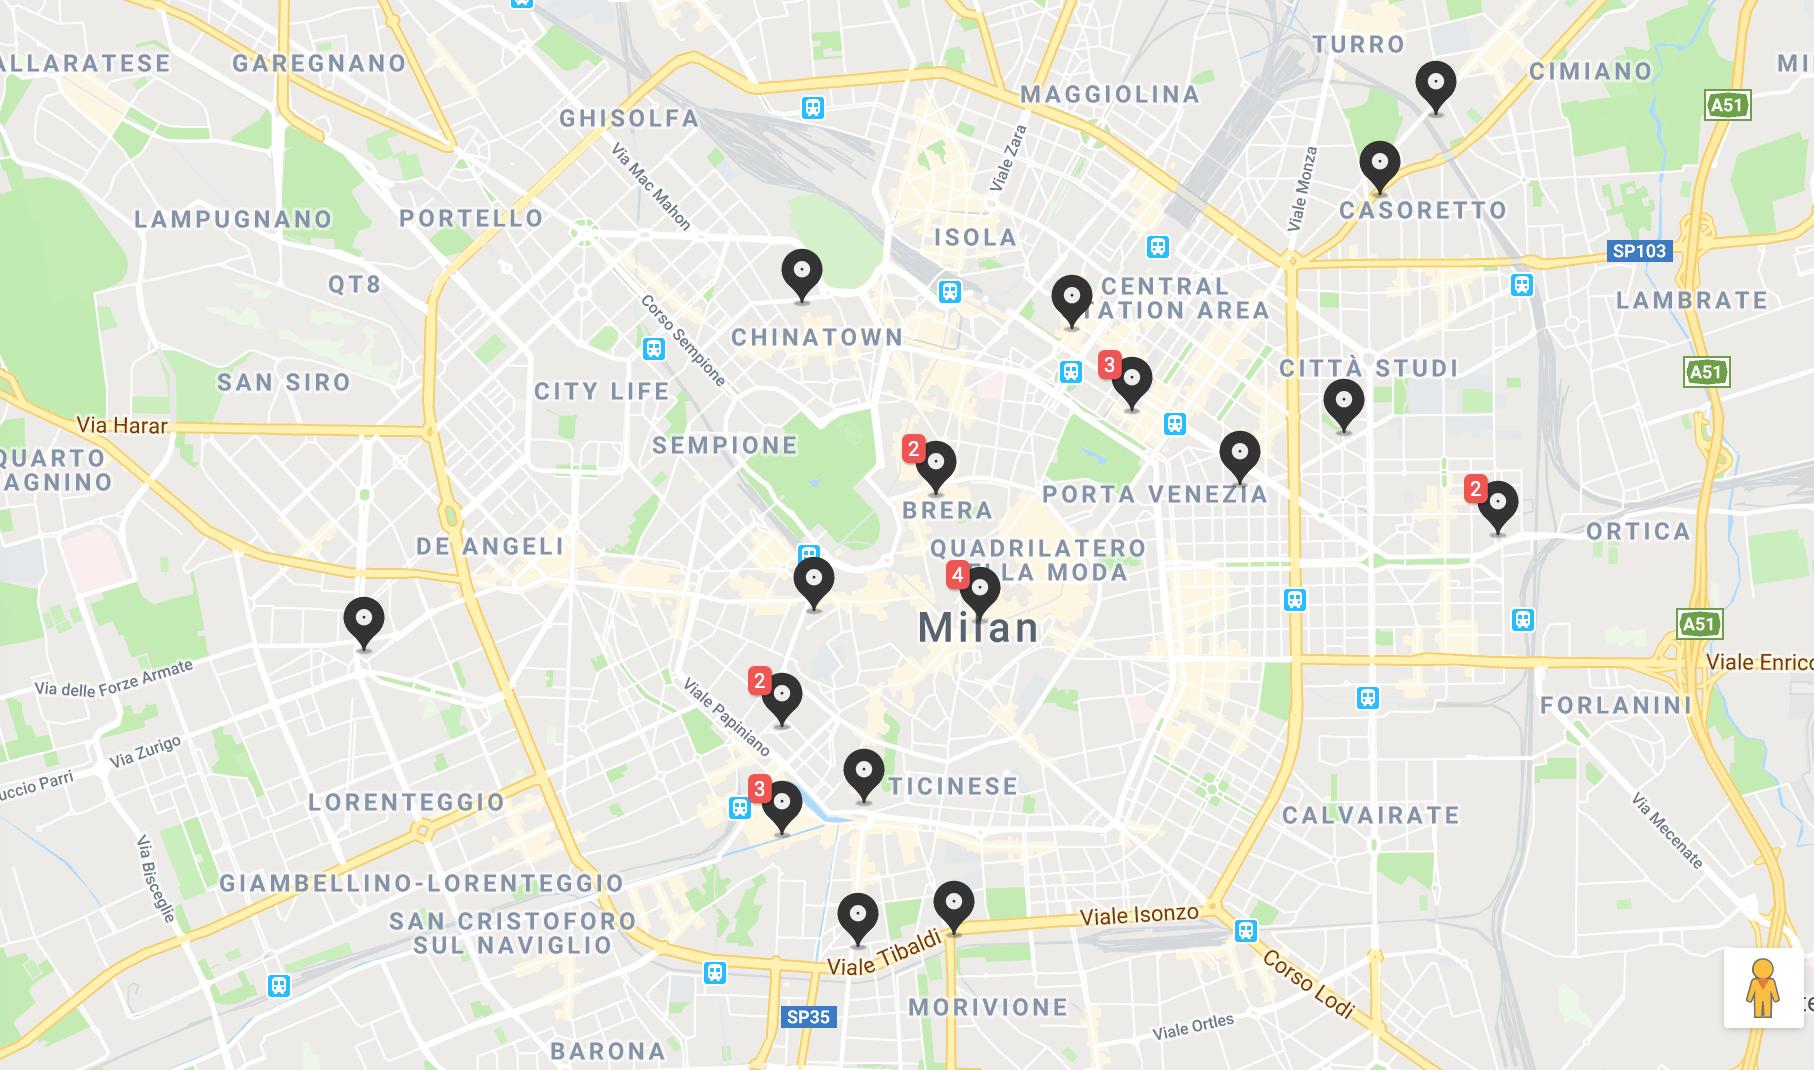 Mappa dei negozi di dischi a Milano, Italia.